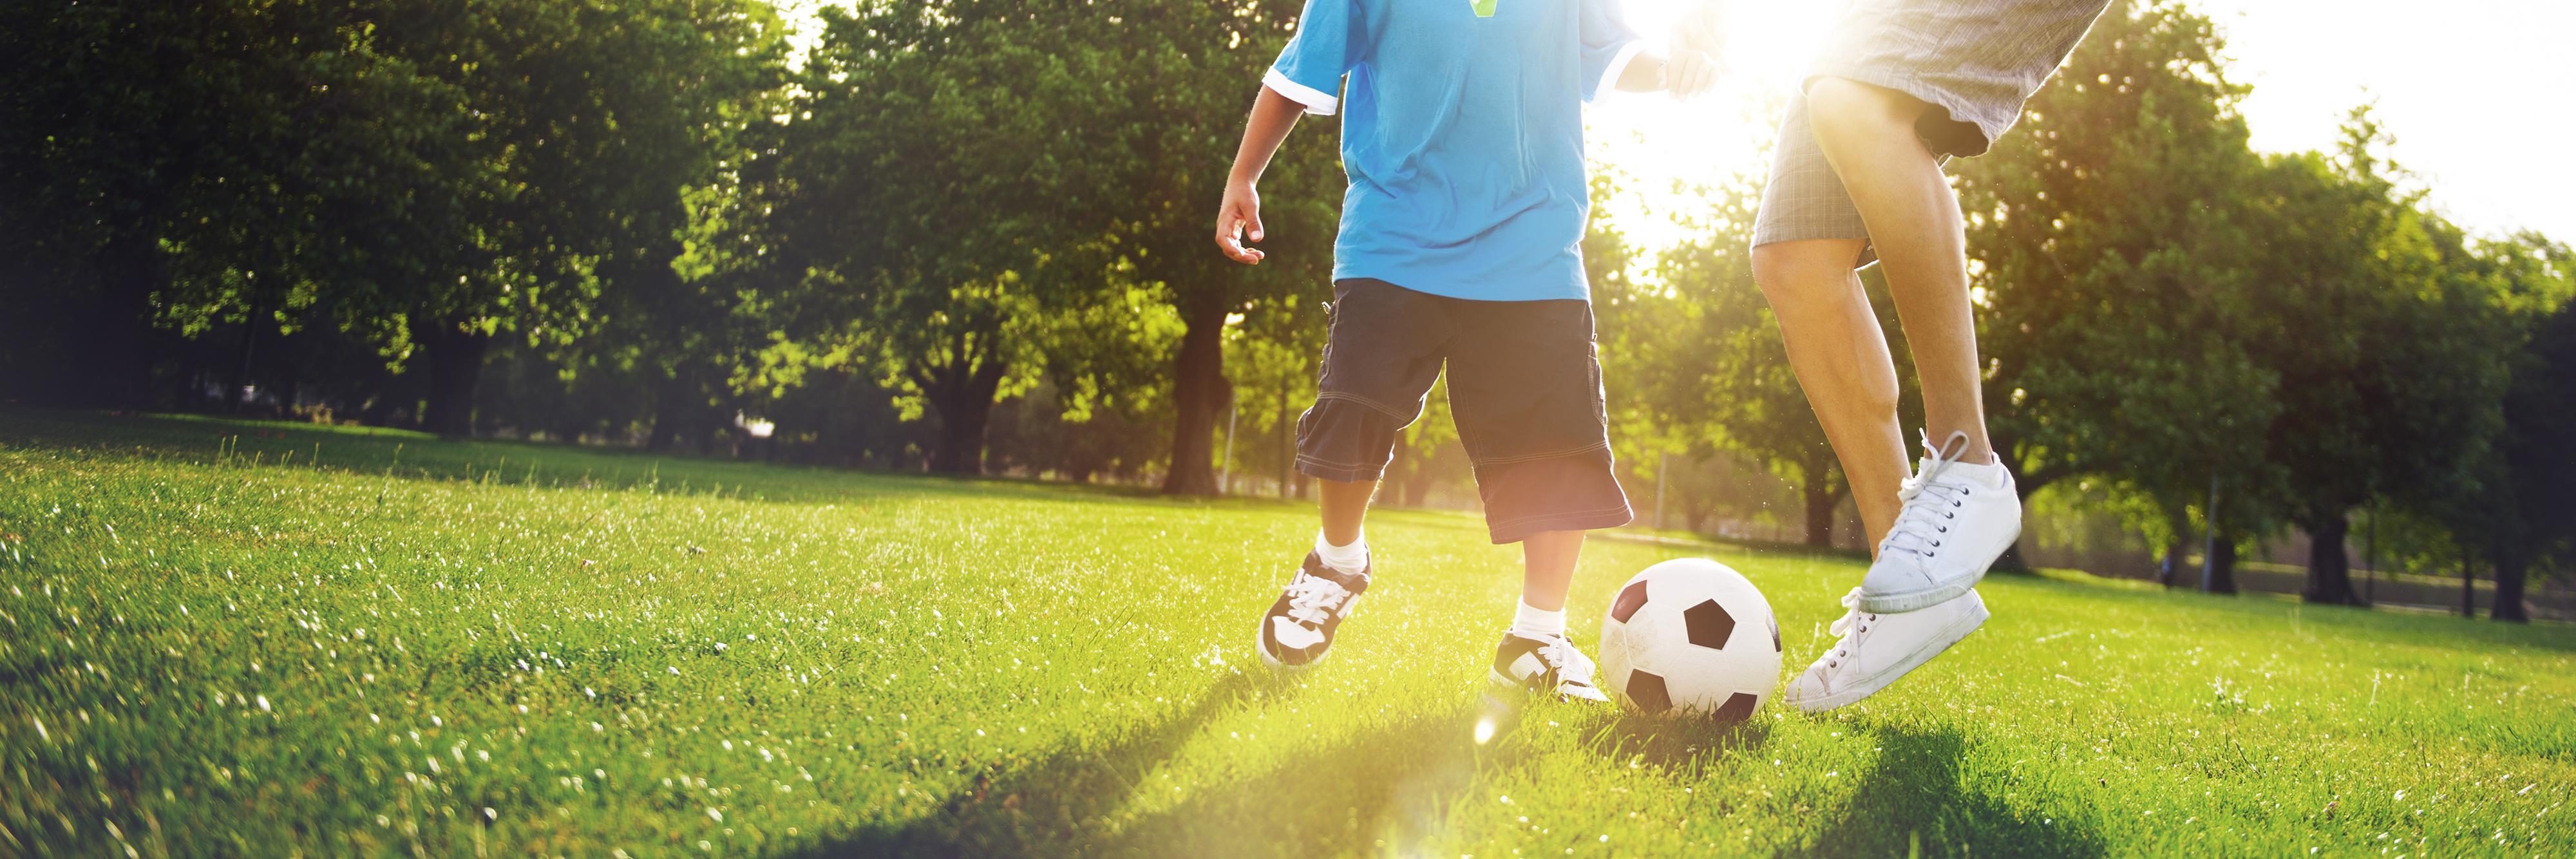 Kleiner Junge spielt mit seinem Vater Fußball.